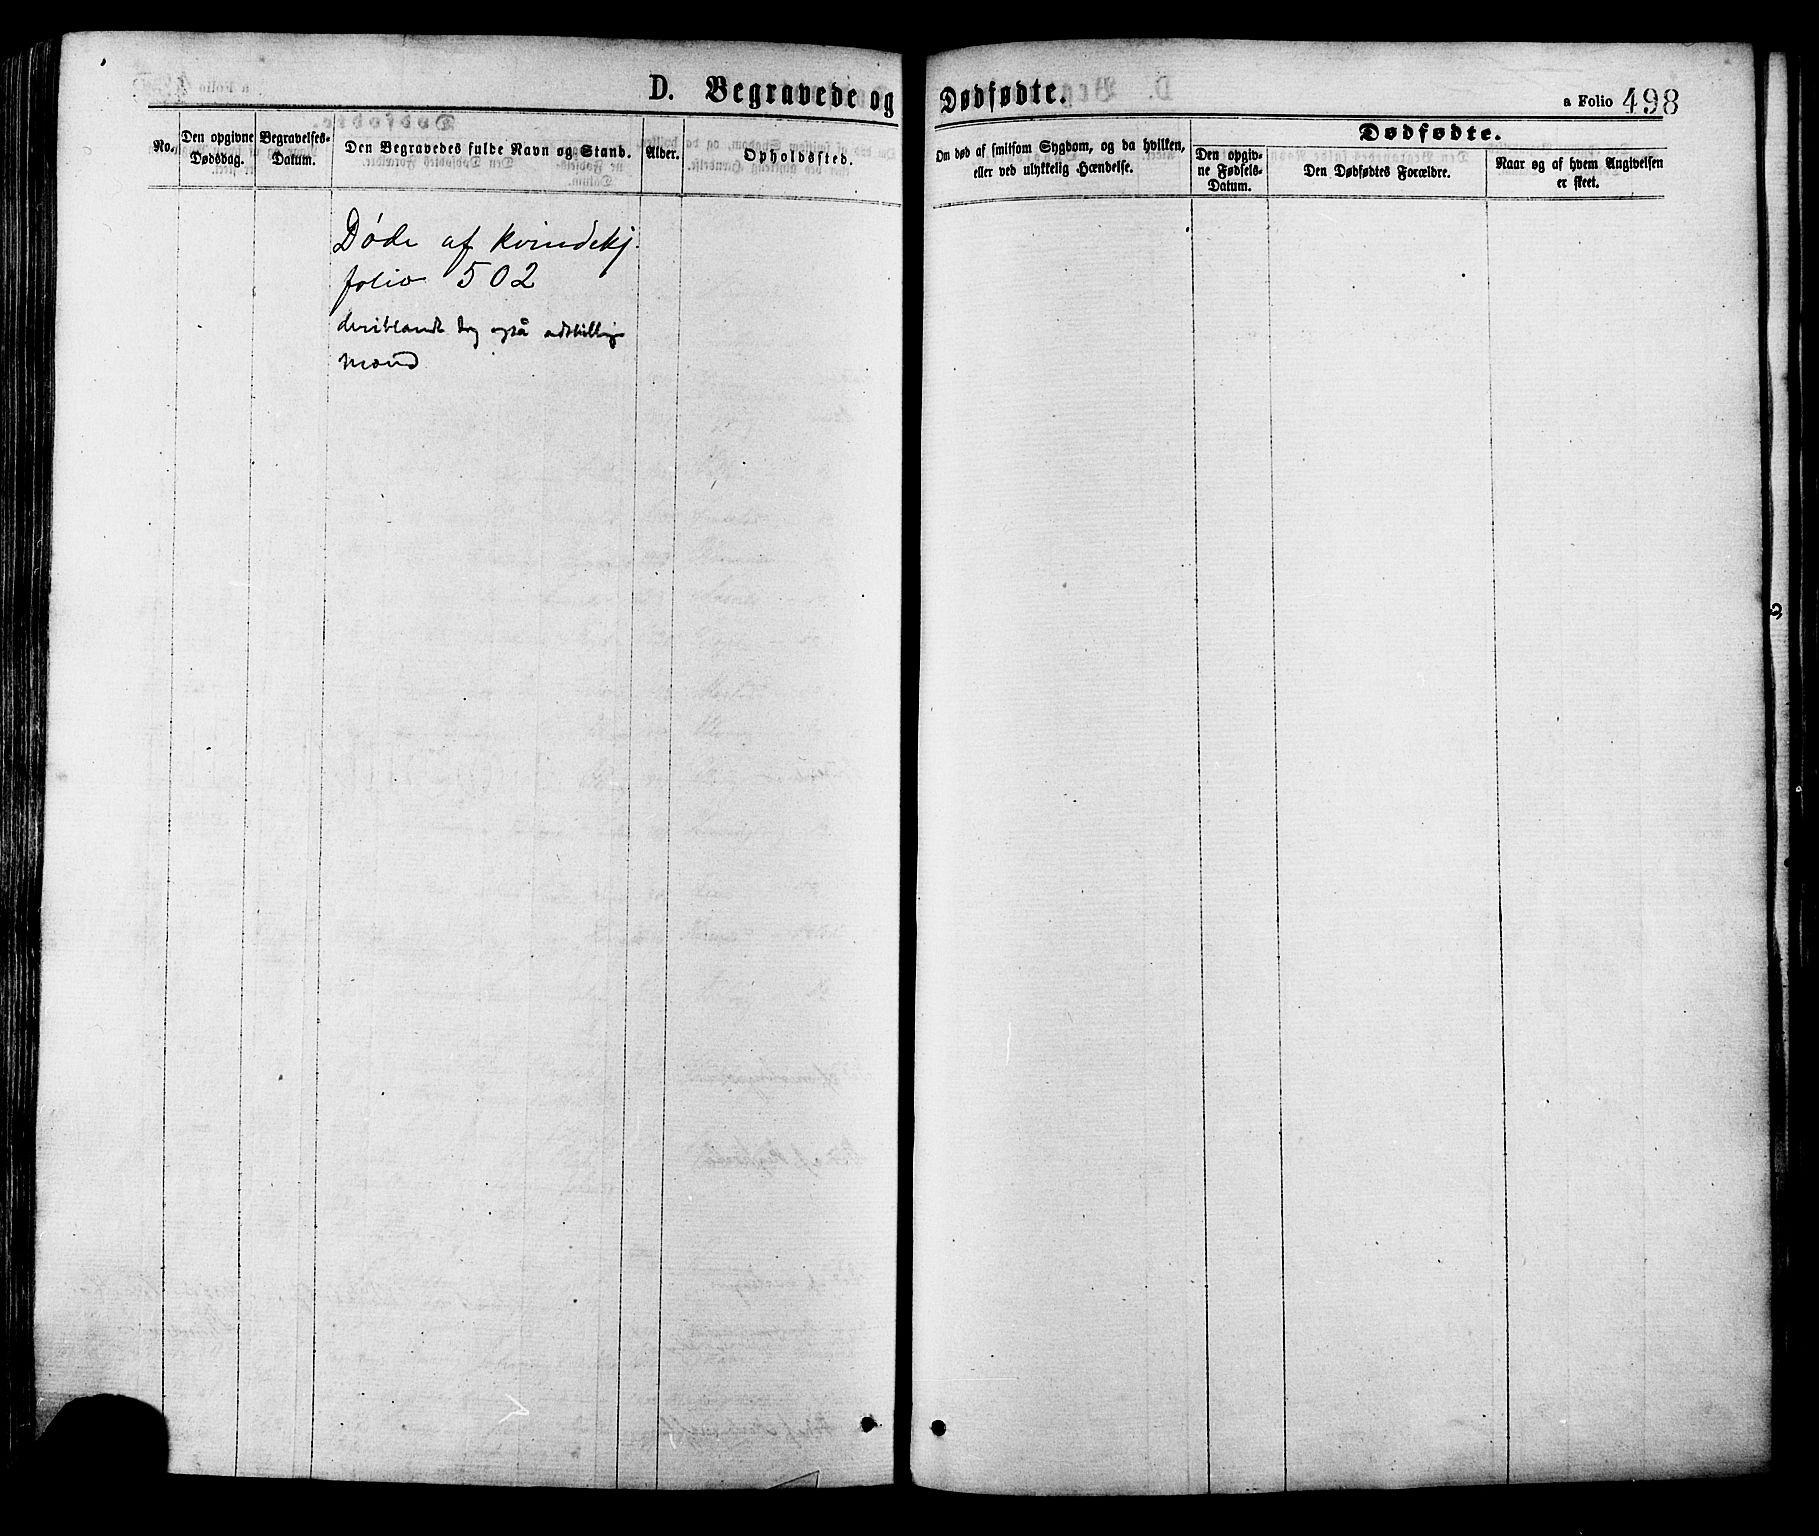 SAT, Ministerialprotokoller, klokkerbøker og fødselsregistre - Sør-Trøndelag, 634/L0532: Ministerialbok nr. 634A08, 1871-1881, s. 498